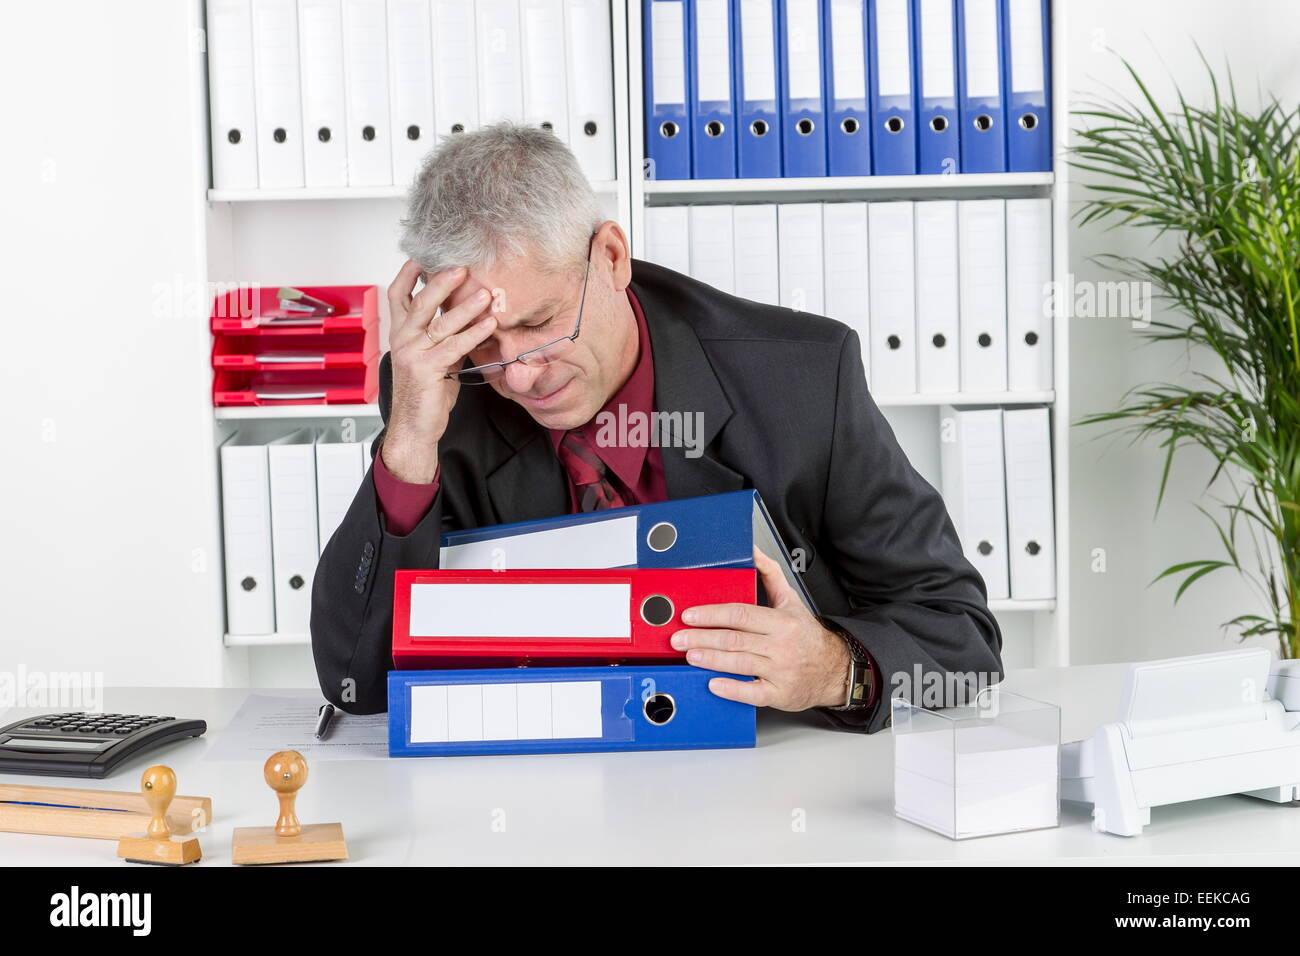 Mann mittleren Alters sitzt im Büro, hält sich den Kopf, hat Kopfschmerzen, Middle-aged man with a headache, sits in his office, Stock Photo